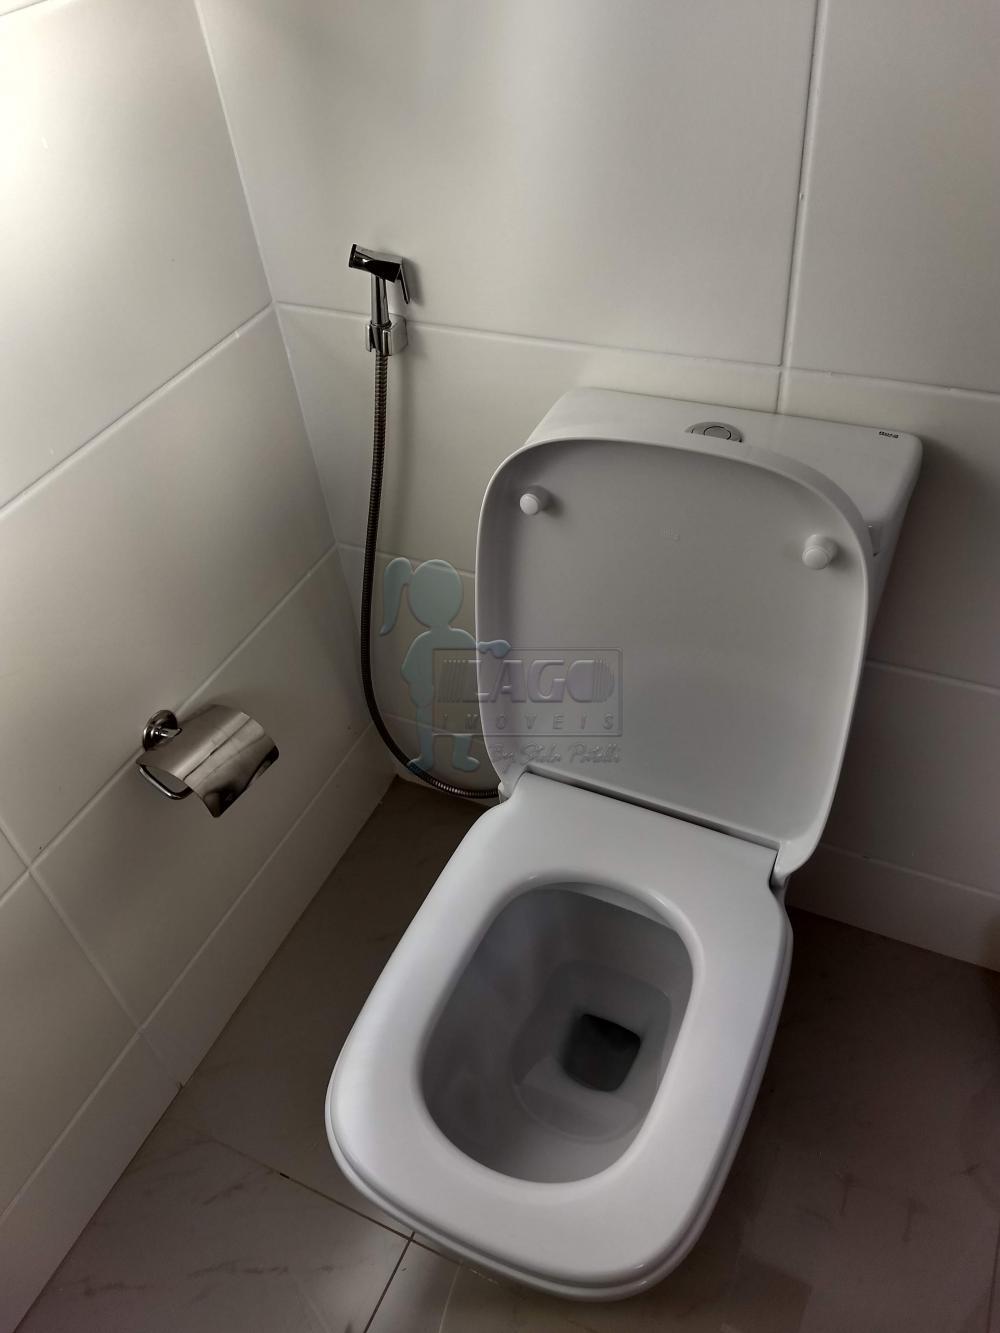 Comprar Apartamento / Padrão em Ribeirão Preto apenas R$ 140.000,00 - Foto 5